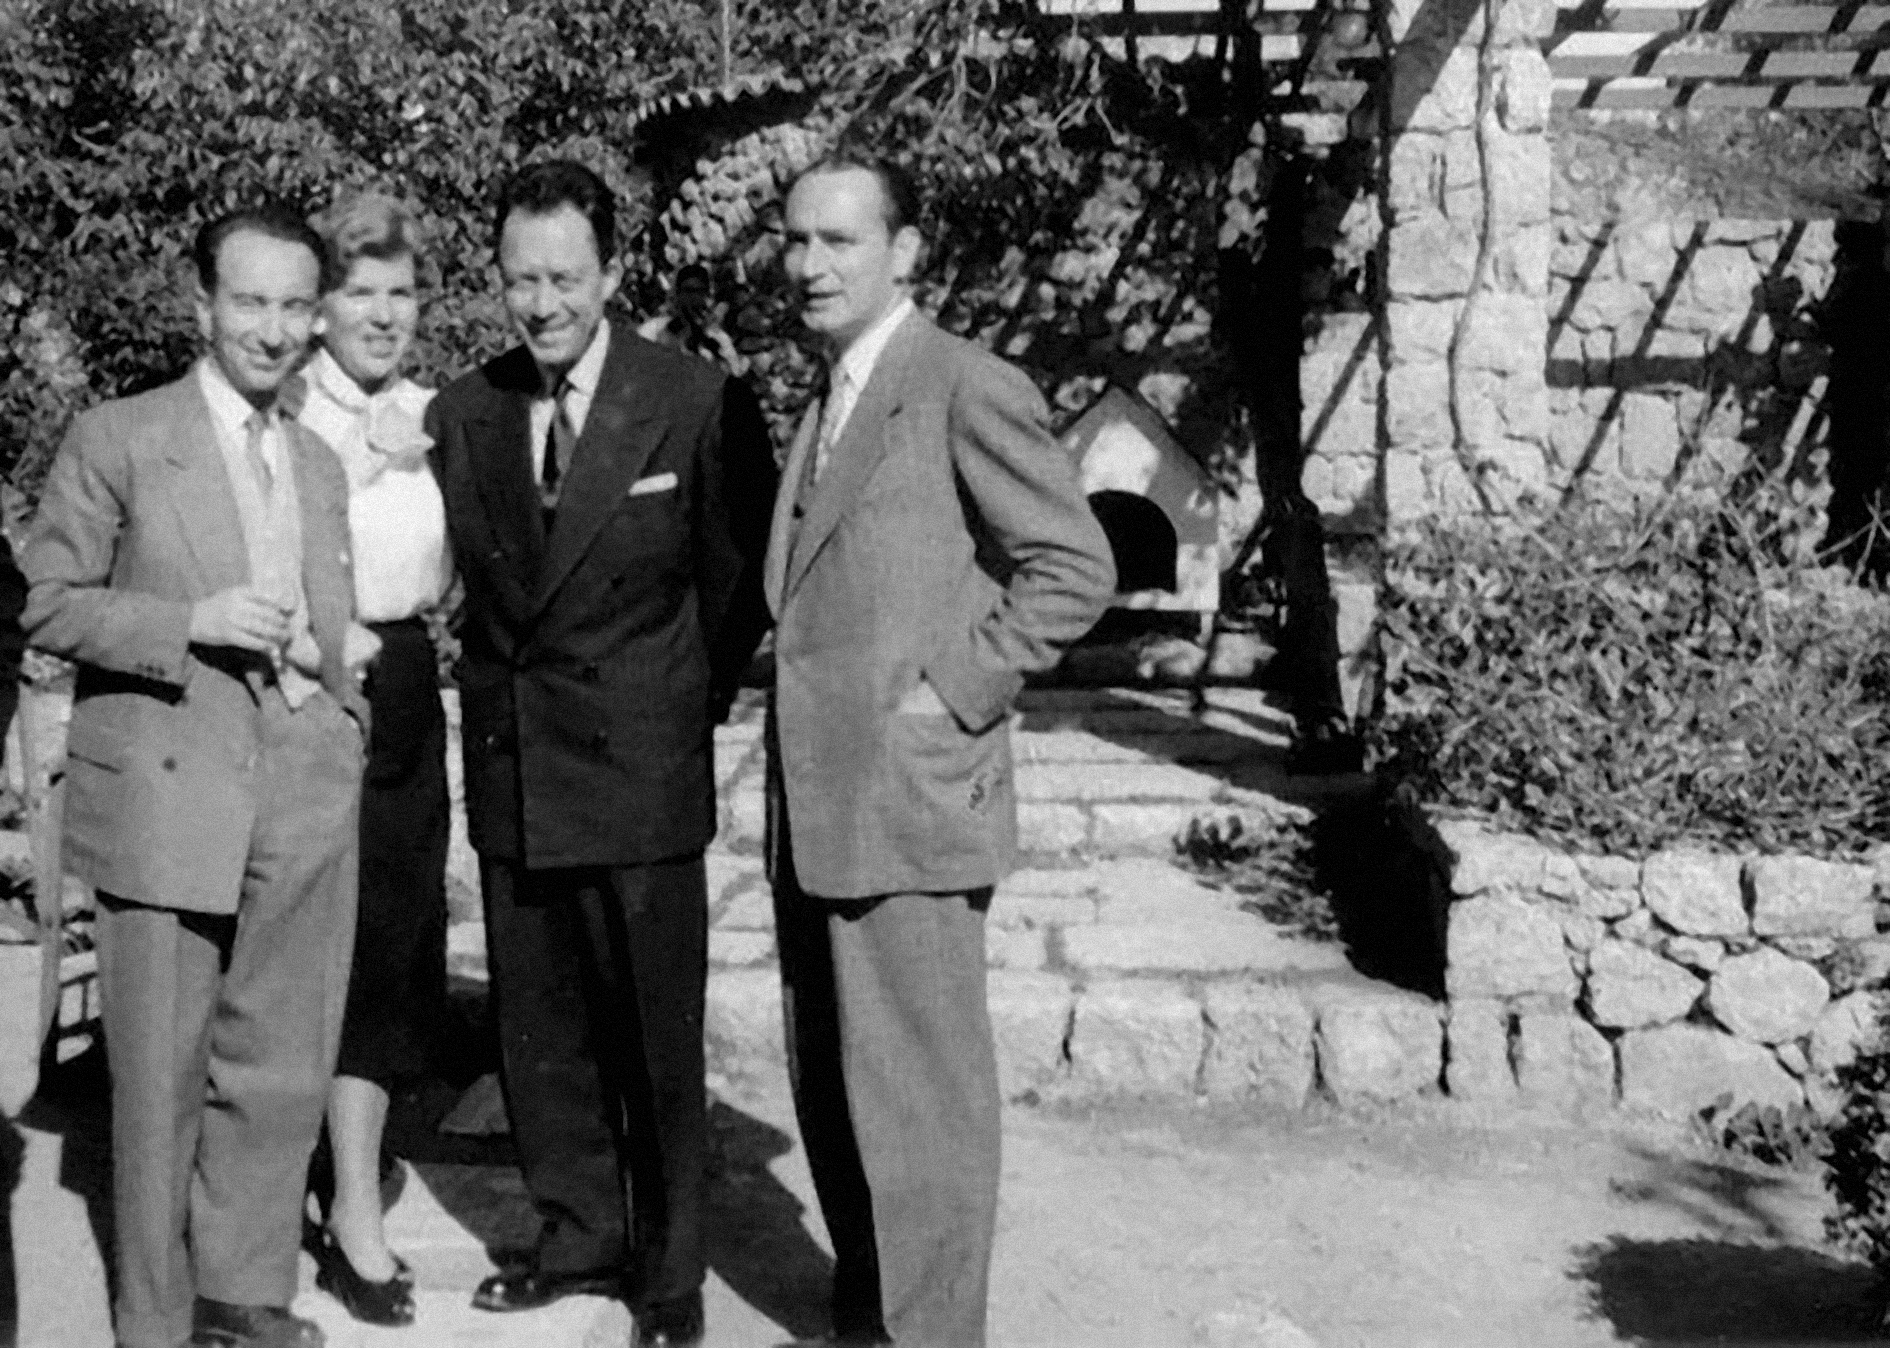 Ο Albert Camus με τη Λητώ Κατακουζηνού στο σπίτι του Γάλλου Μορφωτικού Ακολούθου Albert Fequant στην Κηφισιά στις 27.4.1955